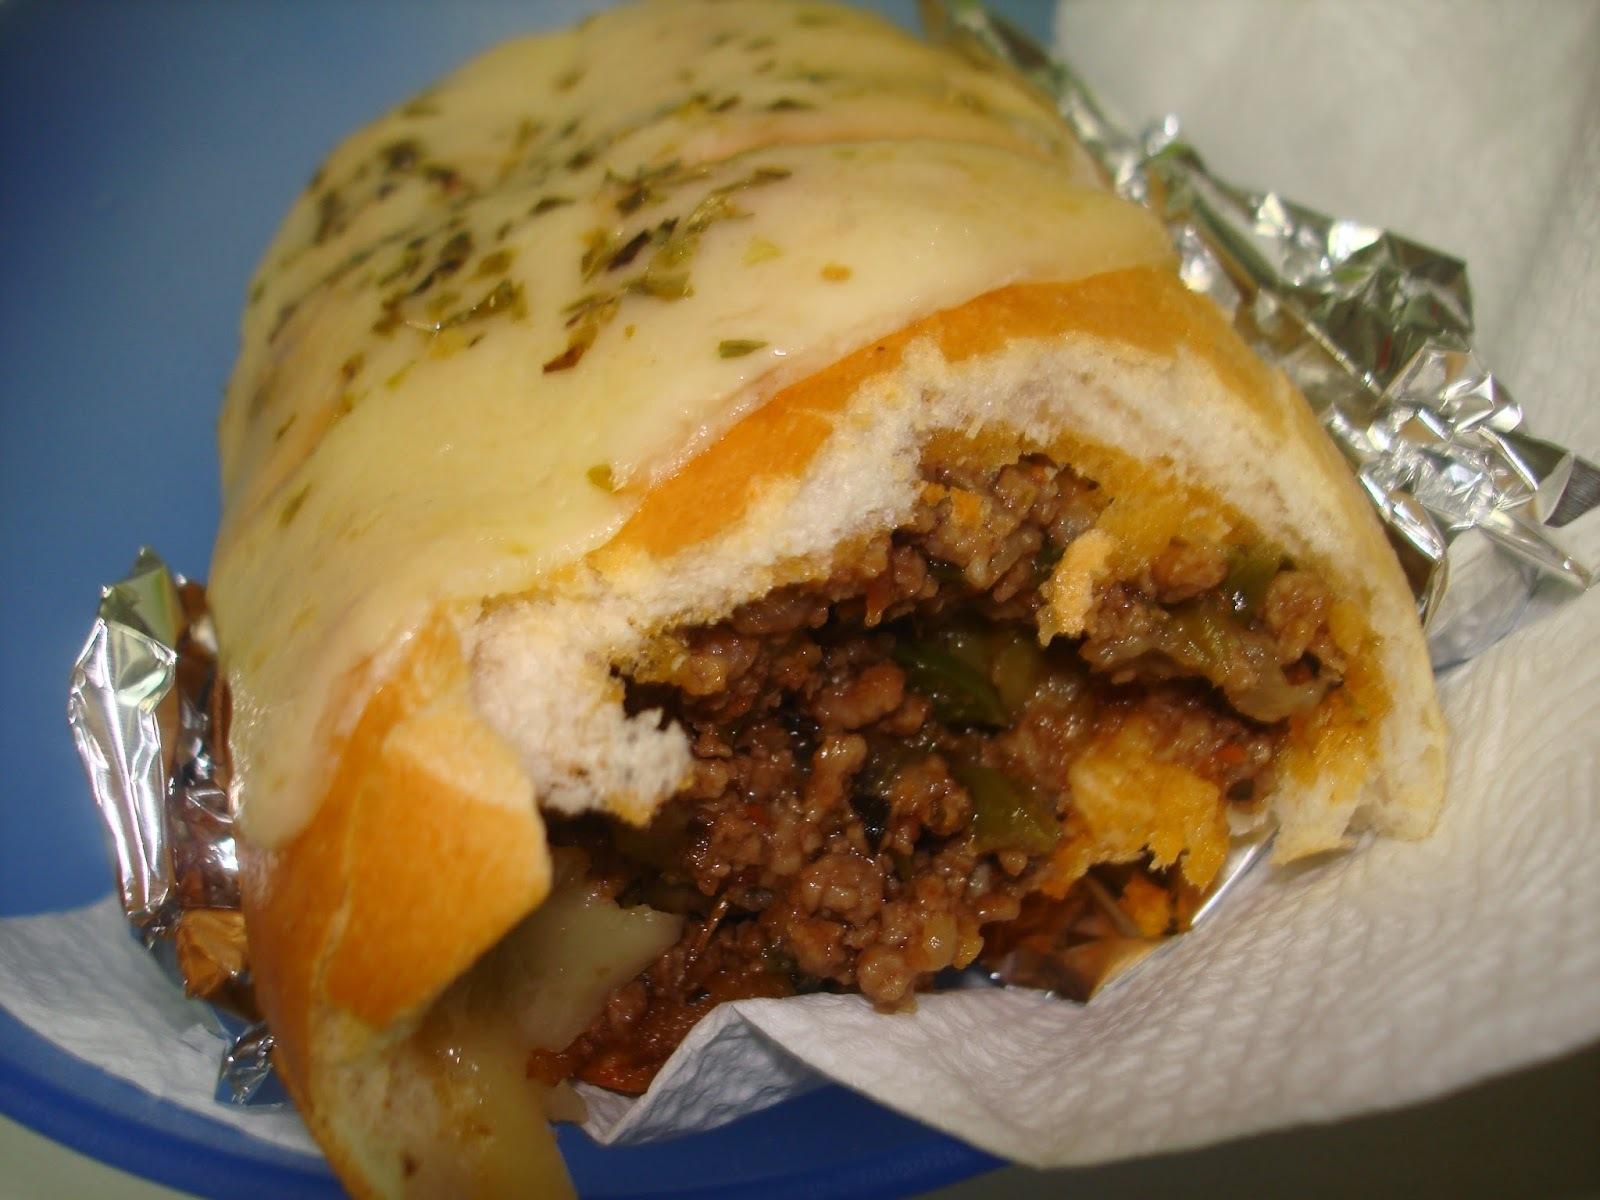 Gostosinho de Carne Moída e Queijo Derretido: Buraco Quente no Capricho!